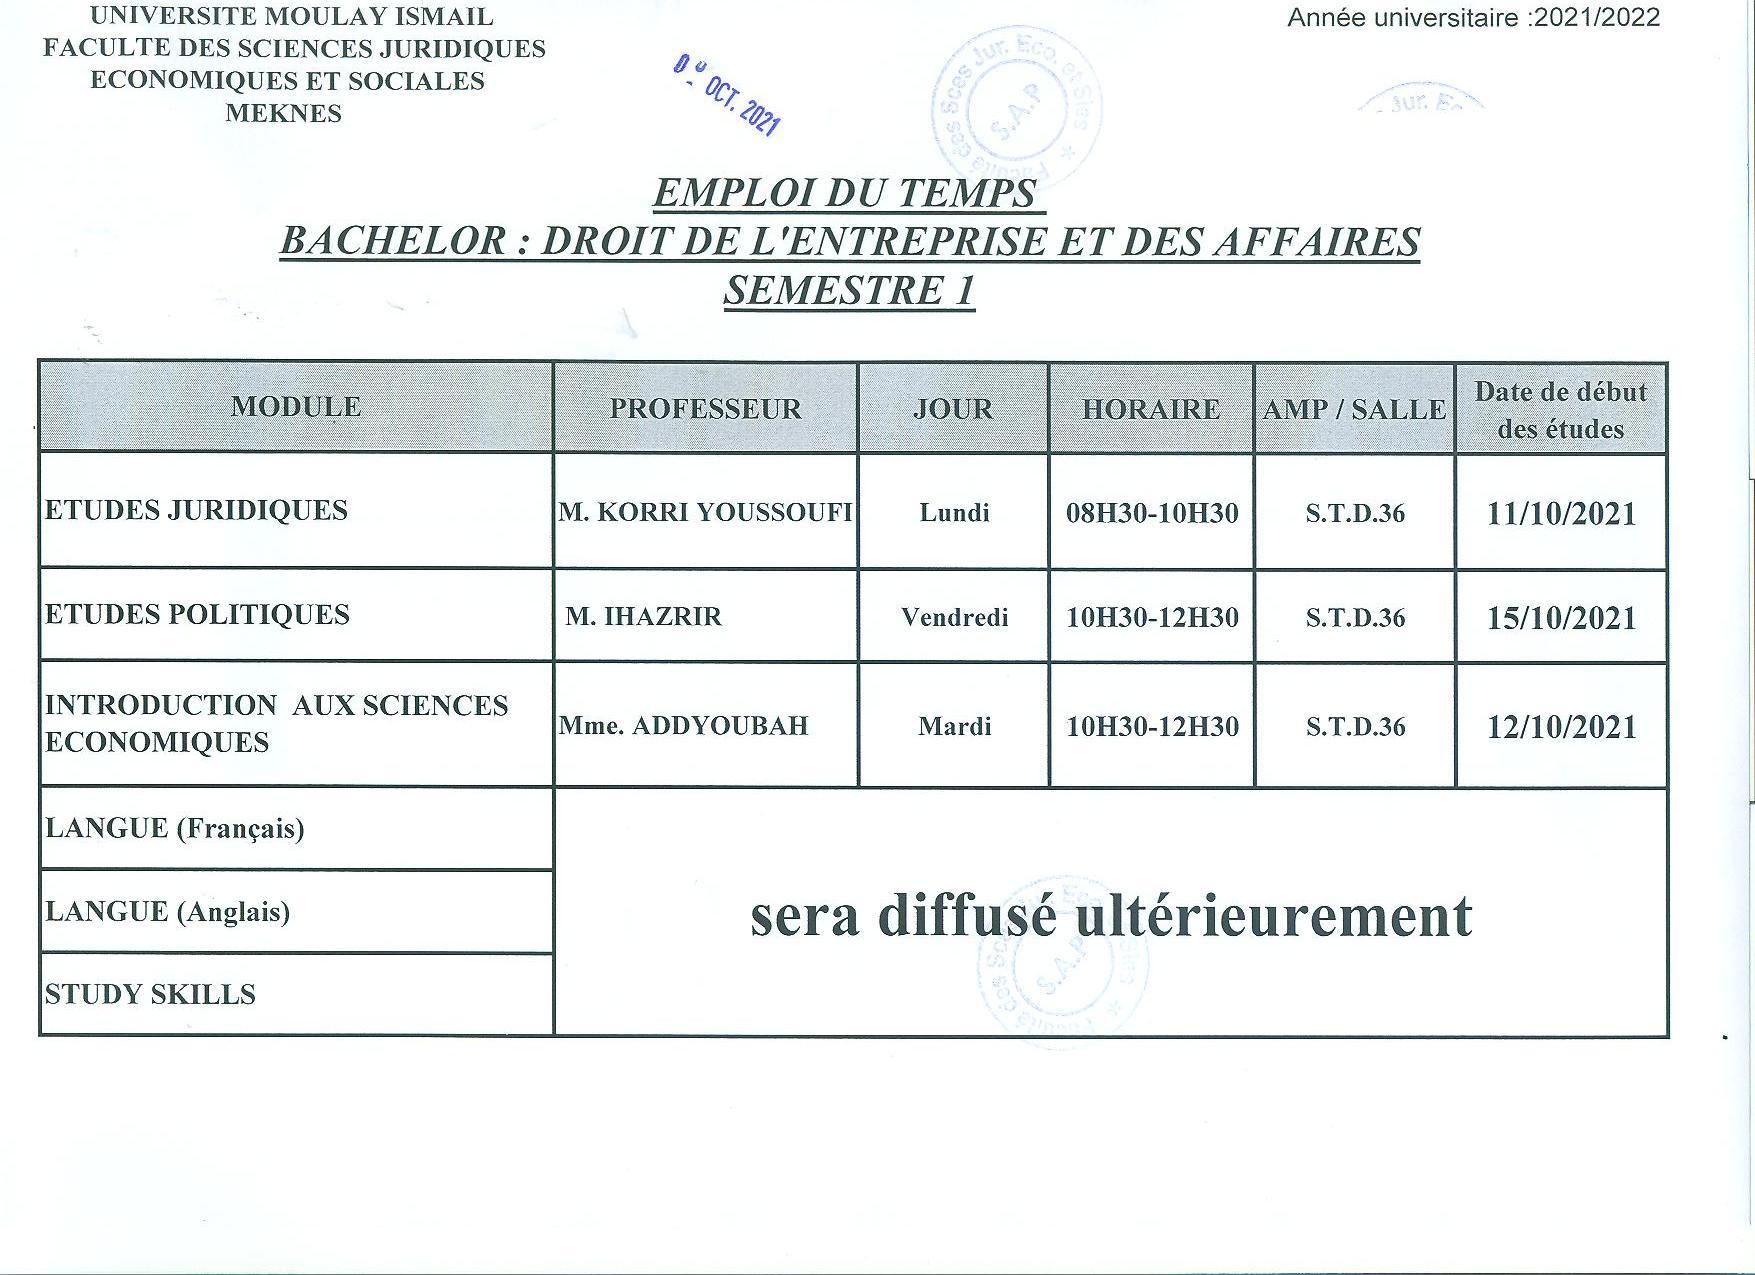 BACHELOR : Semestre 1 : DROIT DE L4ENTREPRISE ET DES AFFAIRES